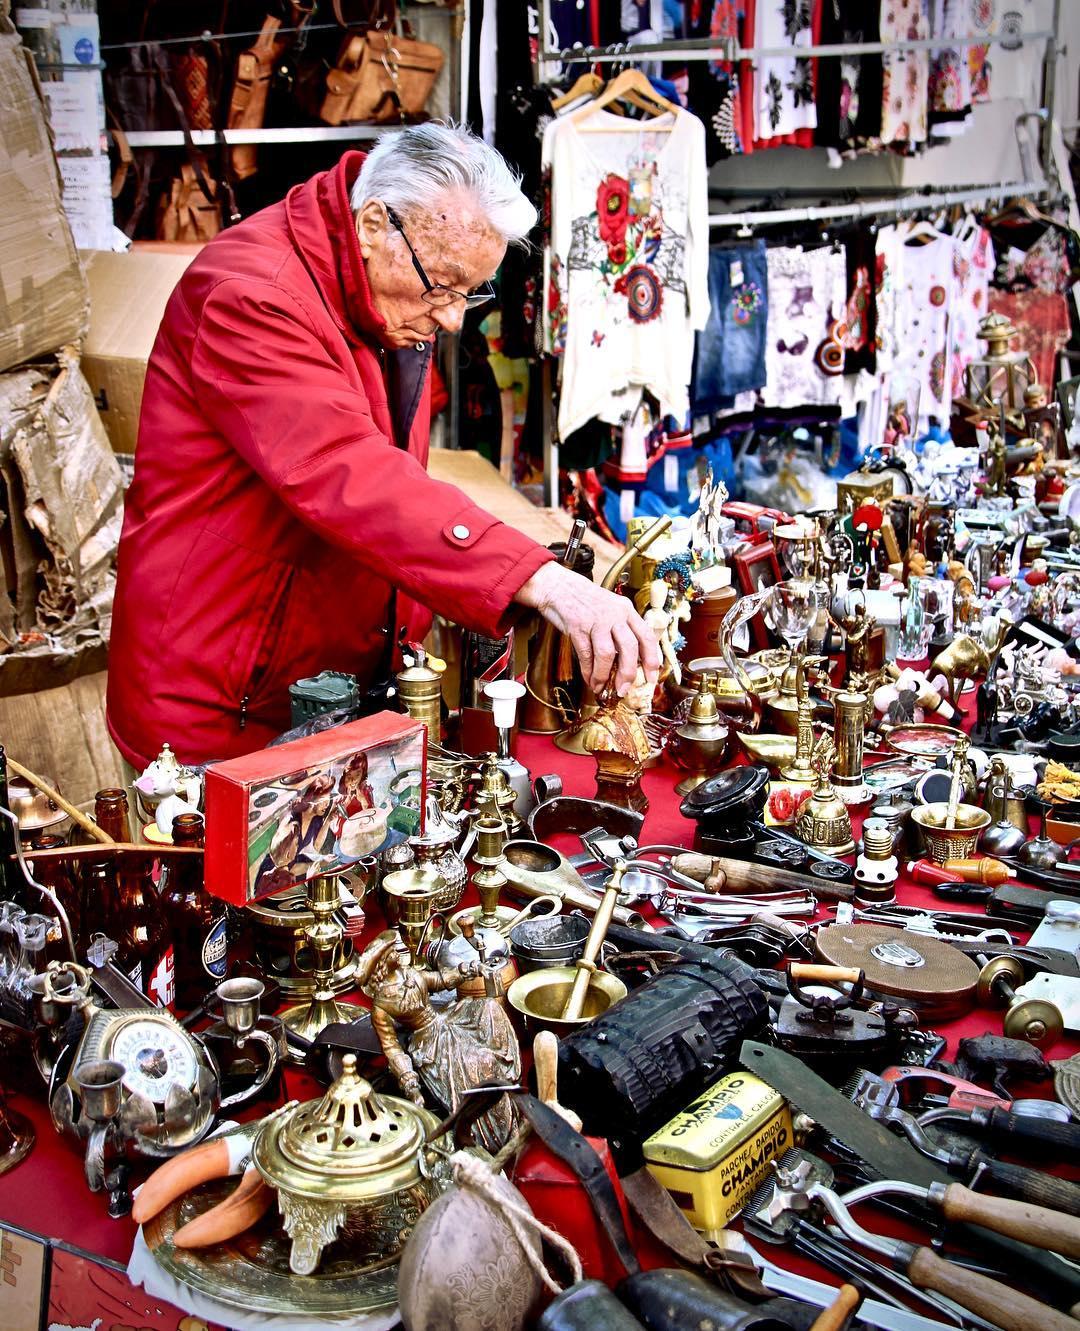 El Rastro Flea Market